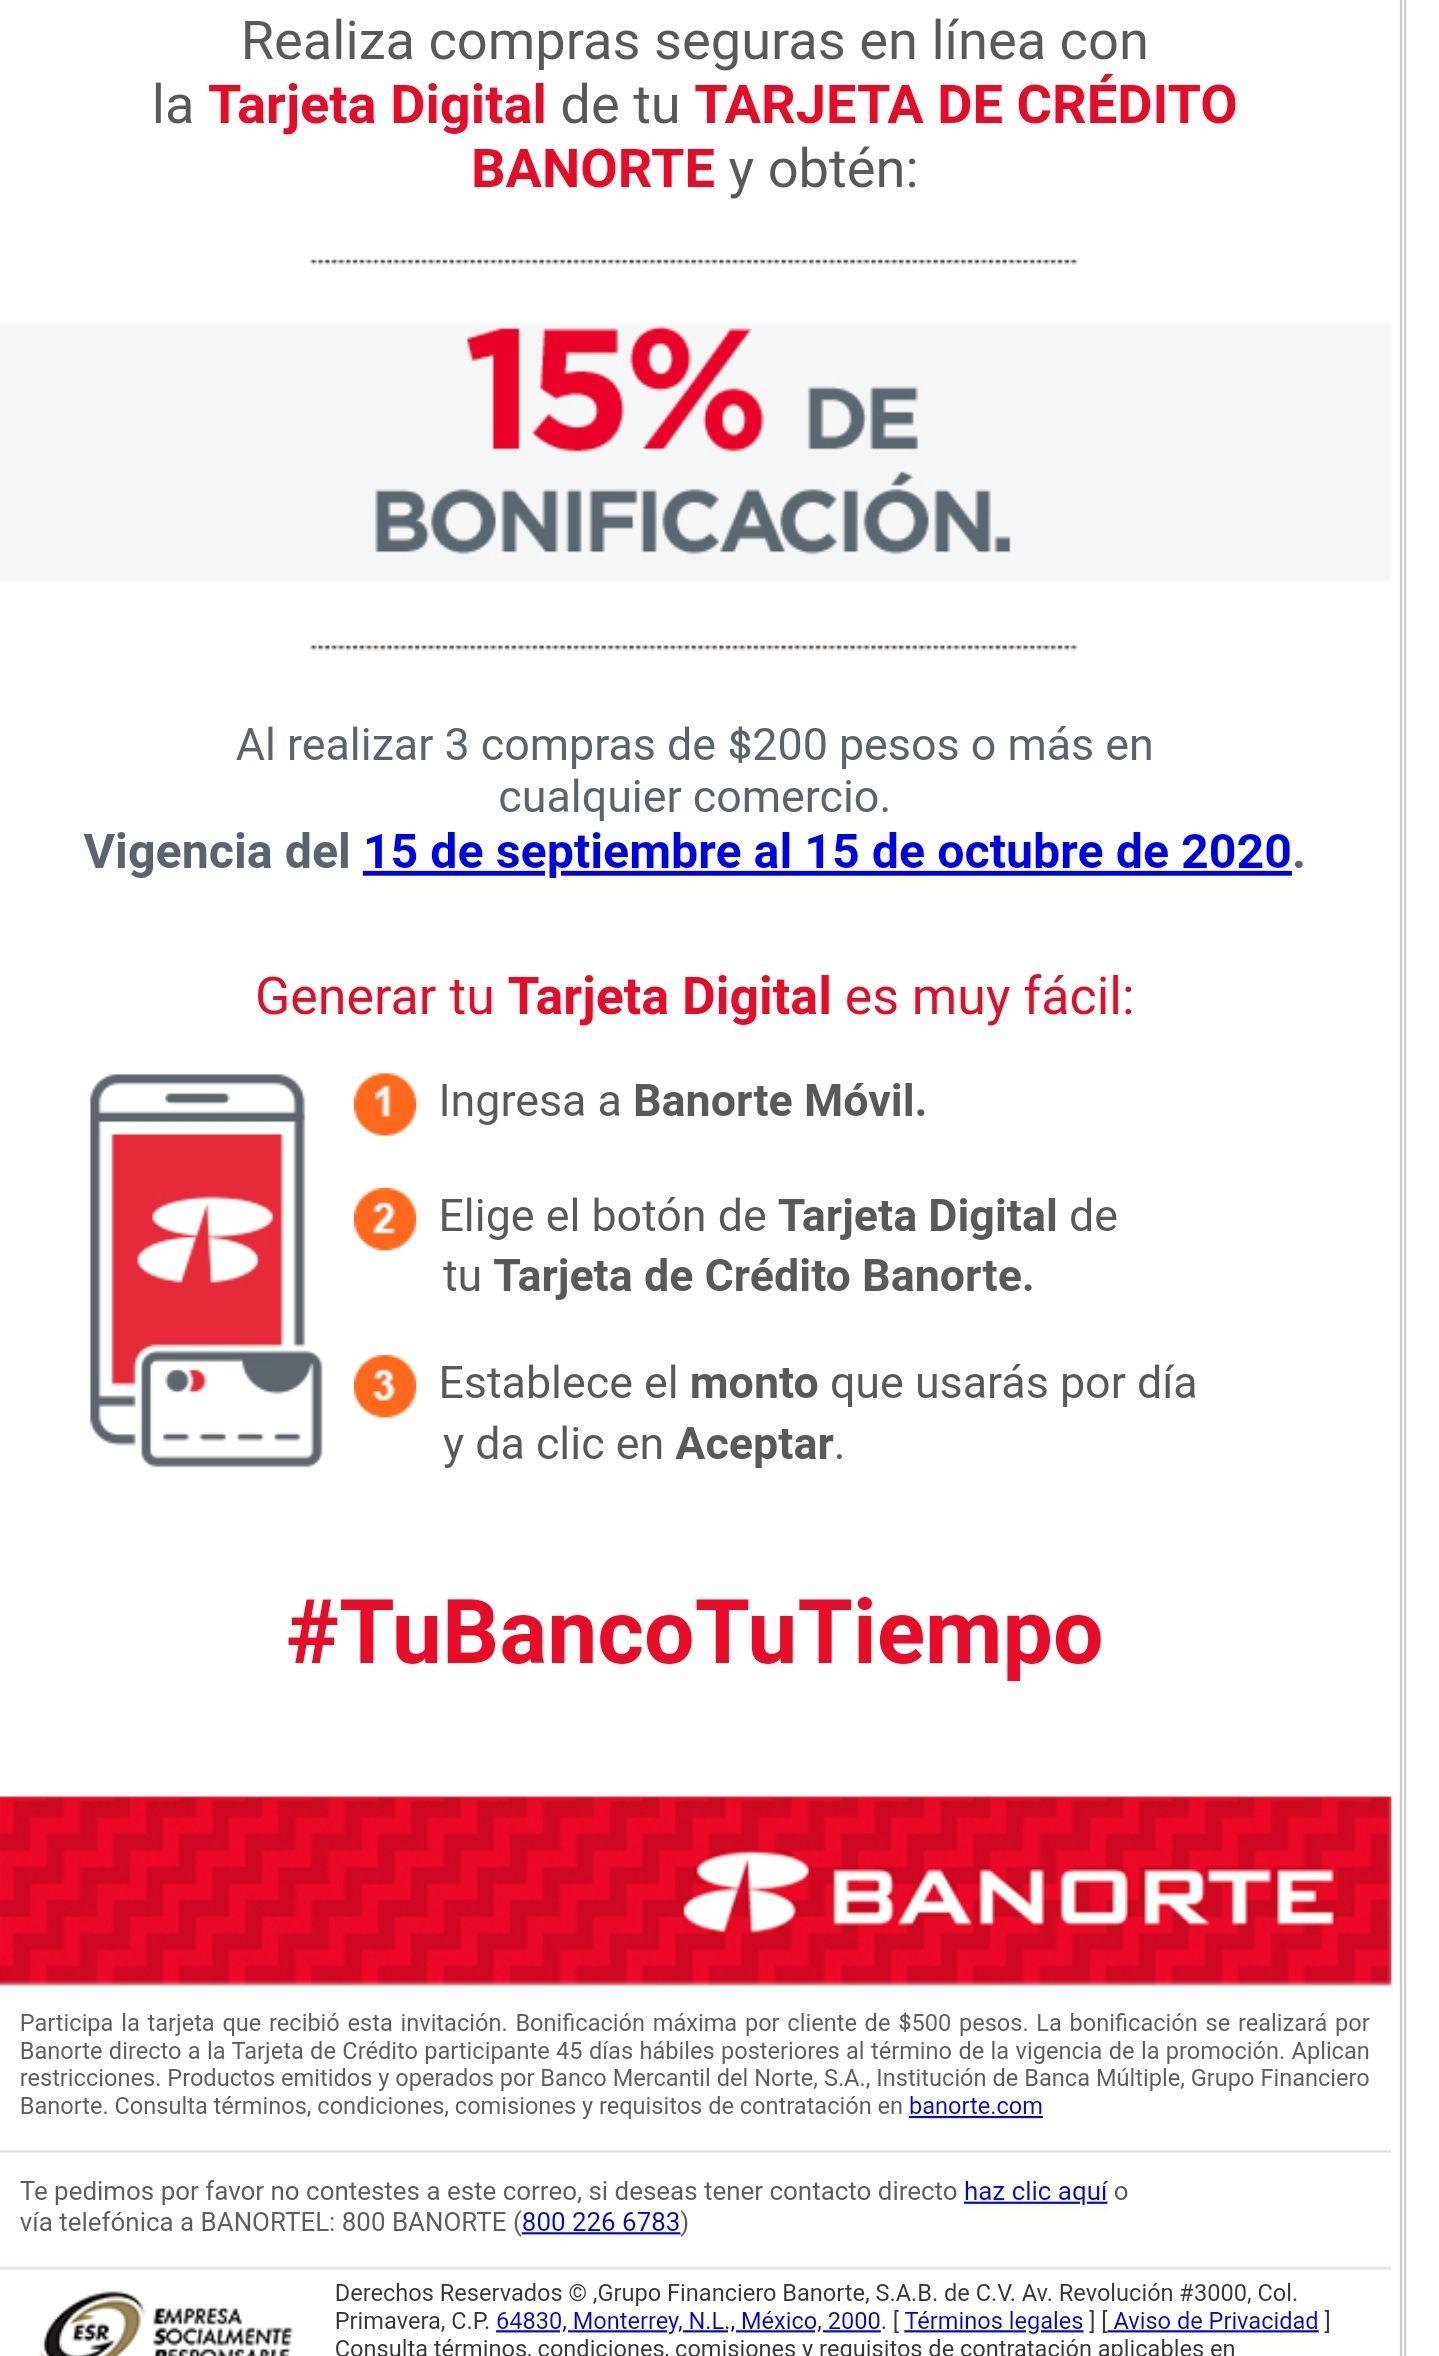 Banorte: 15% reembolso con TDC digital al realizar 3 compras de min 200 pesos (usuarios con invitación)